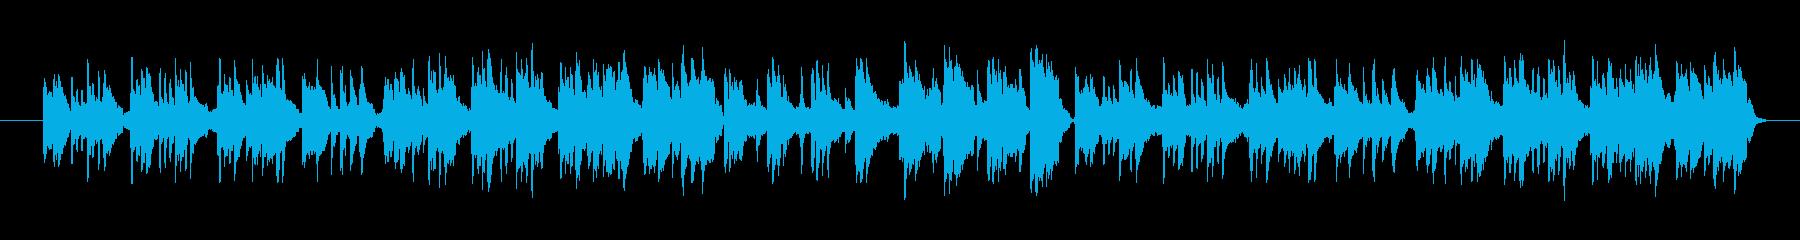 音色が綺麗で和風な雰囲気のメロディーの再生済みの波形